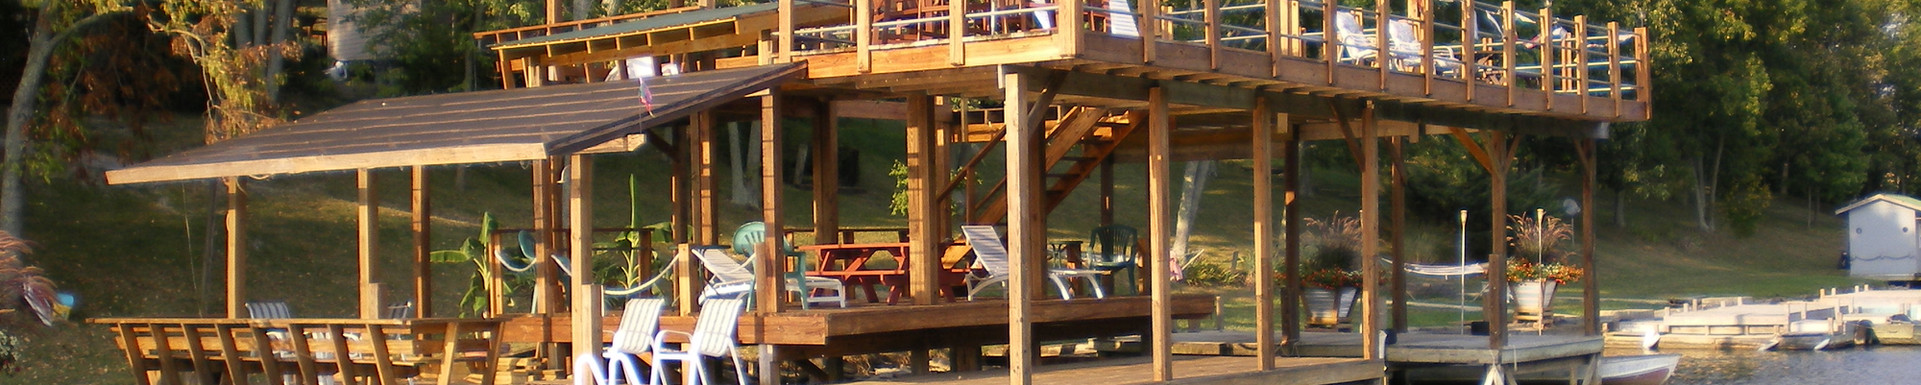 2008-09-07 05-28-53_0072 - Copy.JPG